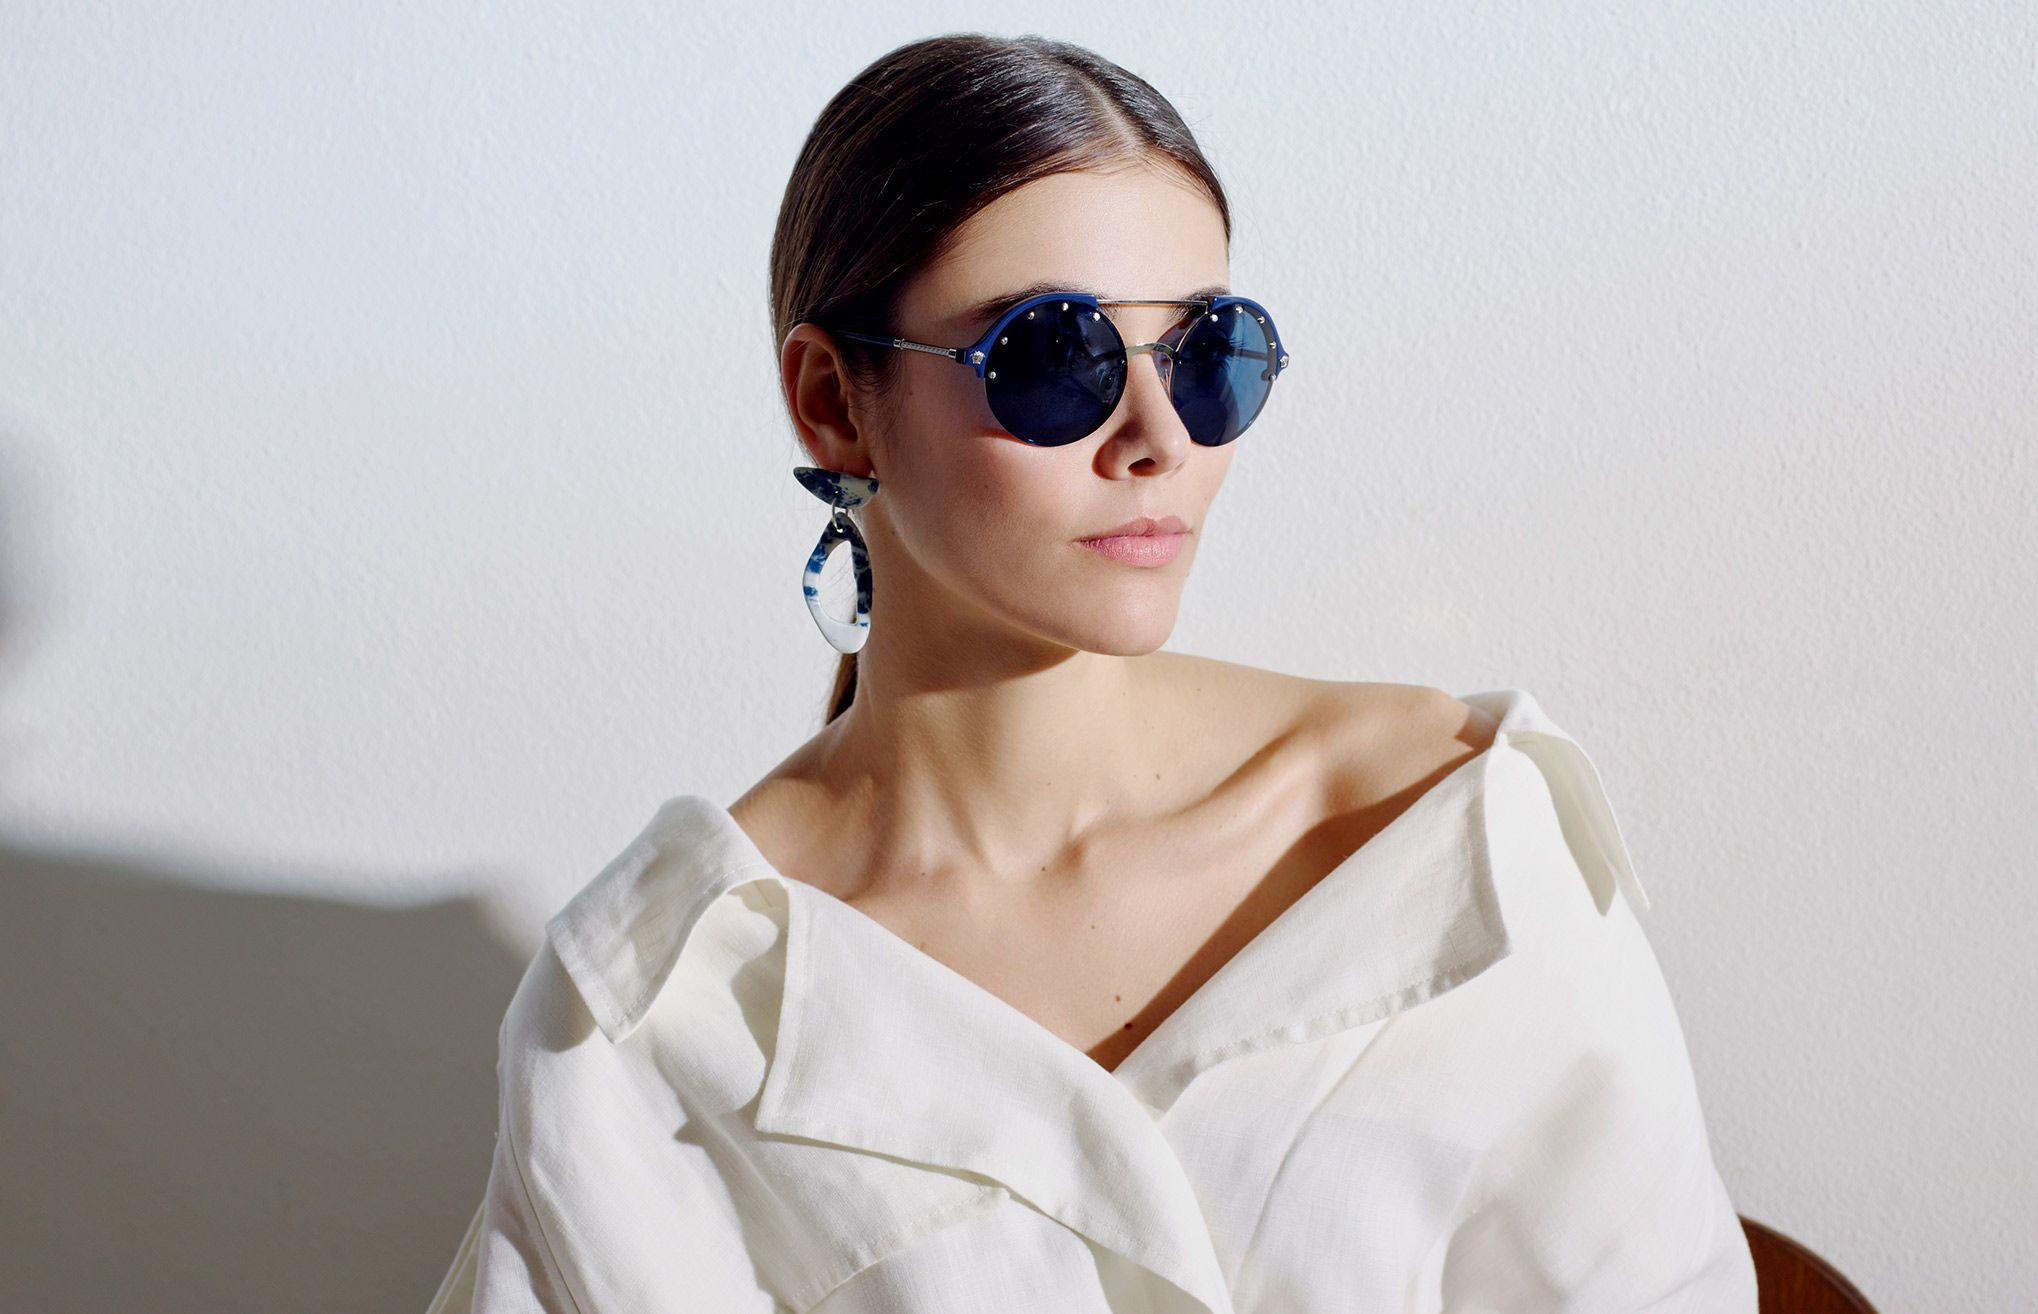 Kết quả hình ảnh cho sunglasses model